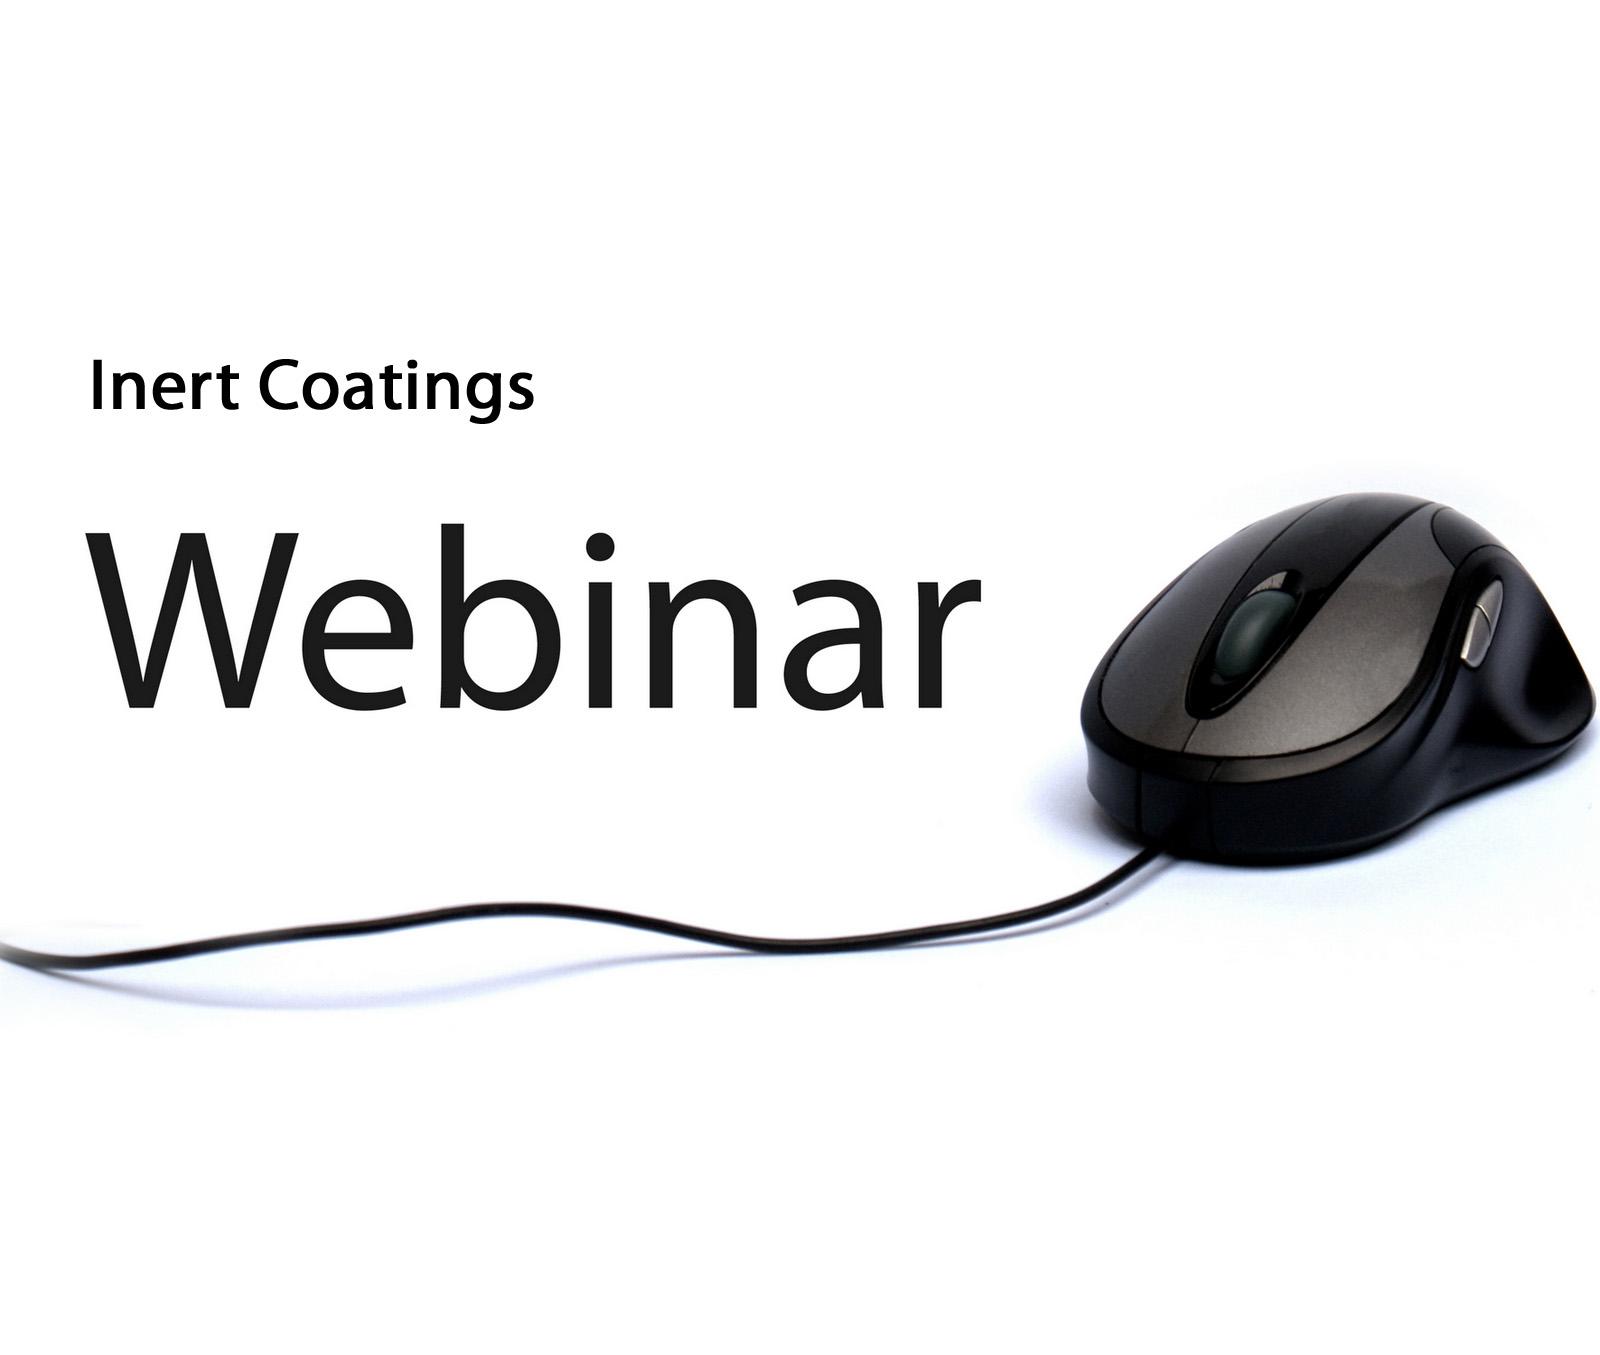 Inert_coatings_webinar.jpg